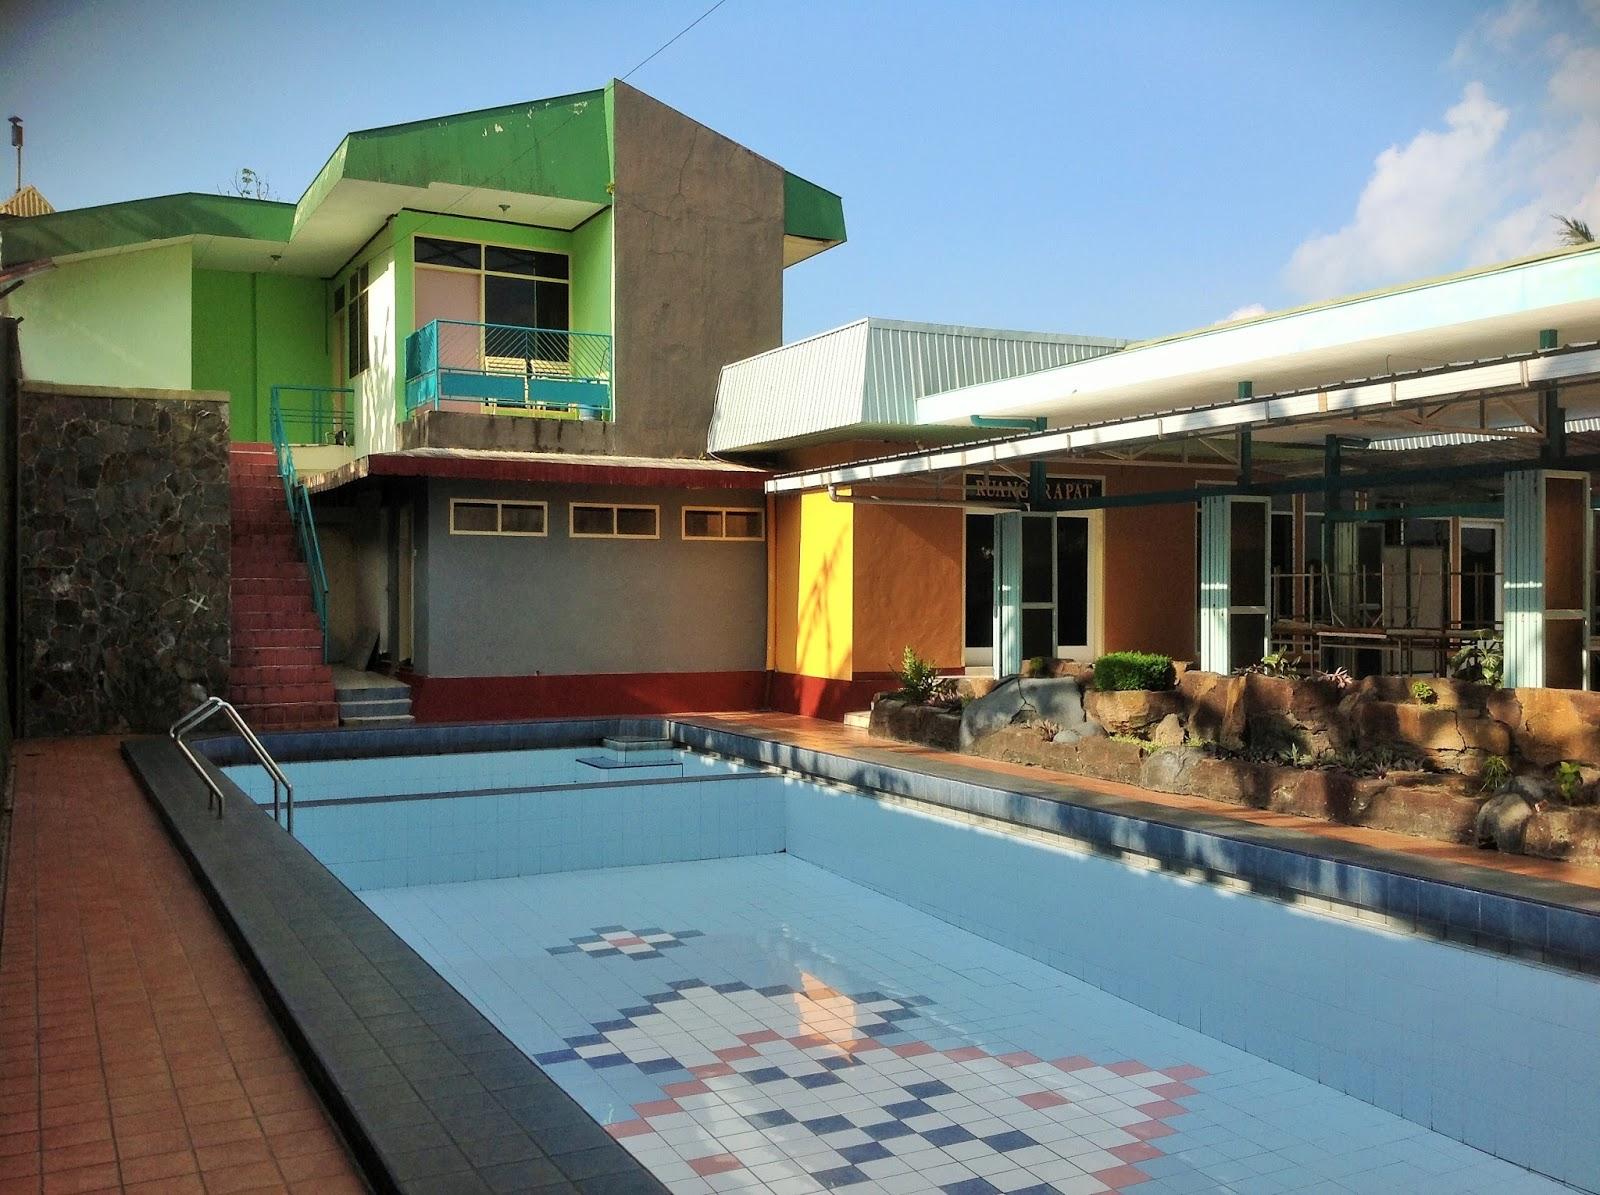 Silakan Lihat Denah Berikut Ini Untuk Penunjuk Jalan Menuju Hotel Wisma Gaya Bandungan Di Ambarawa Adalah